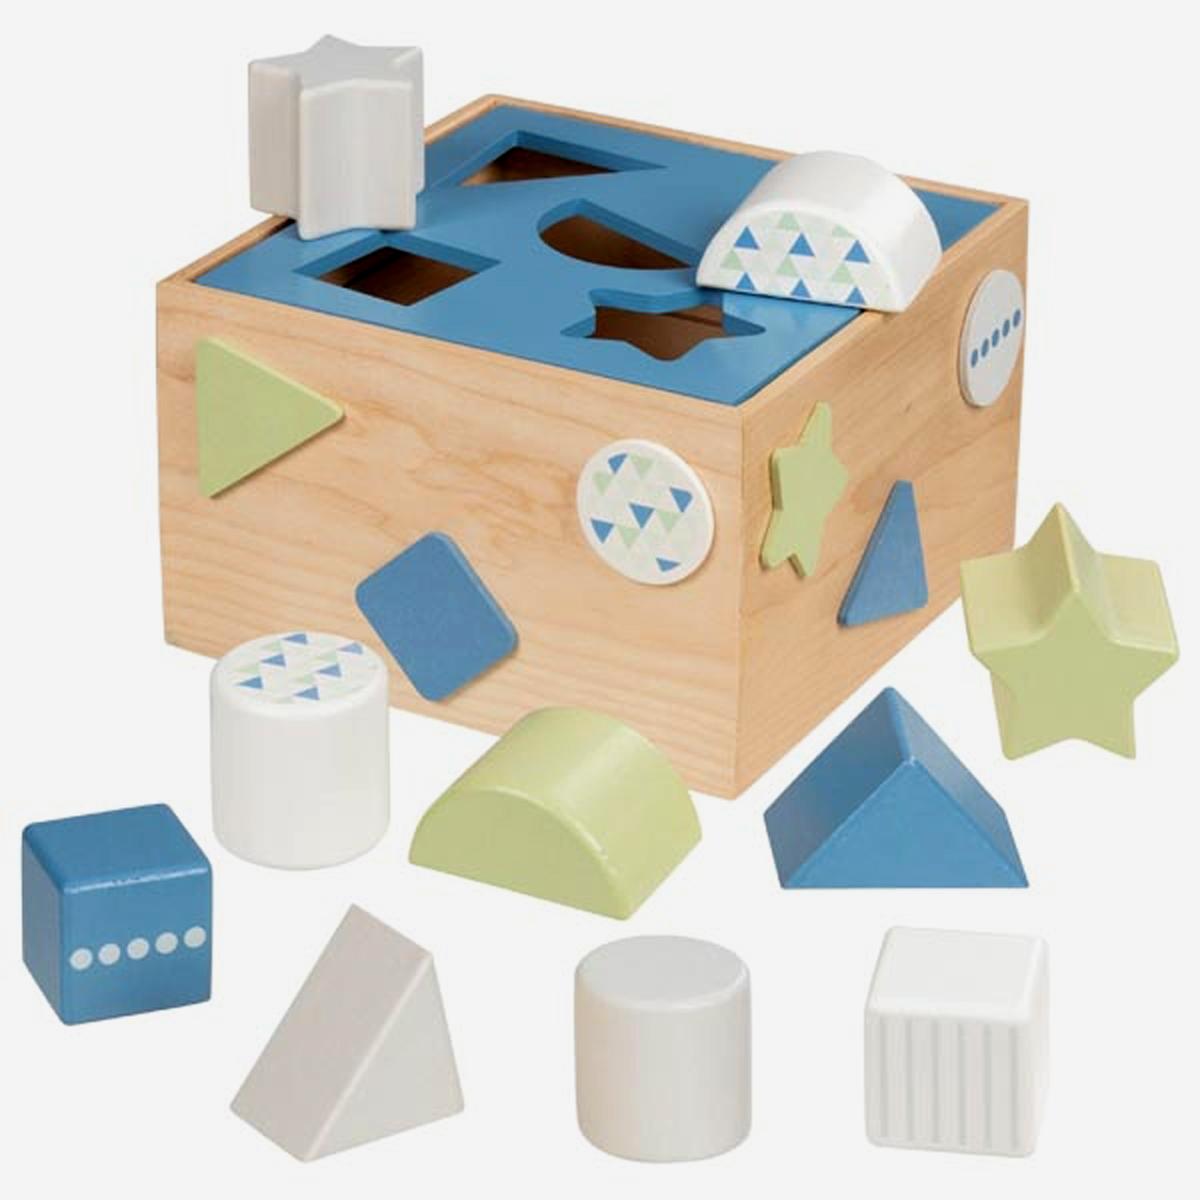 Lernspielzeug farbige Bauklötze